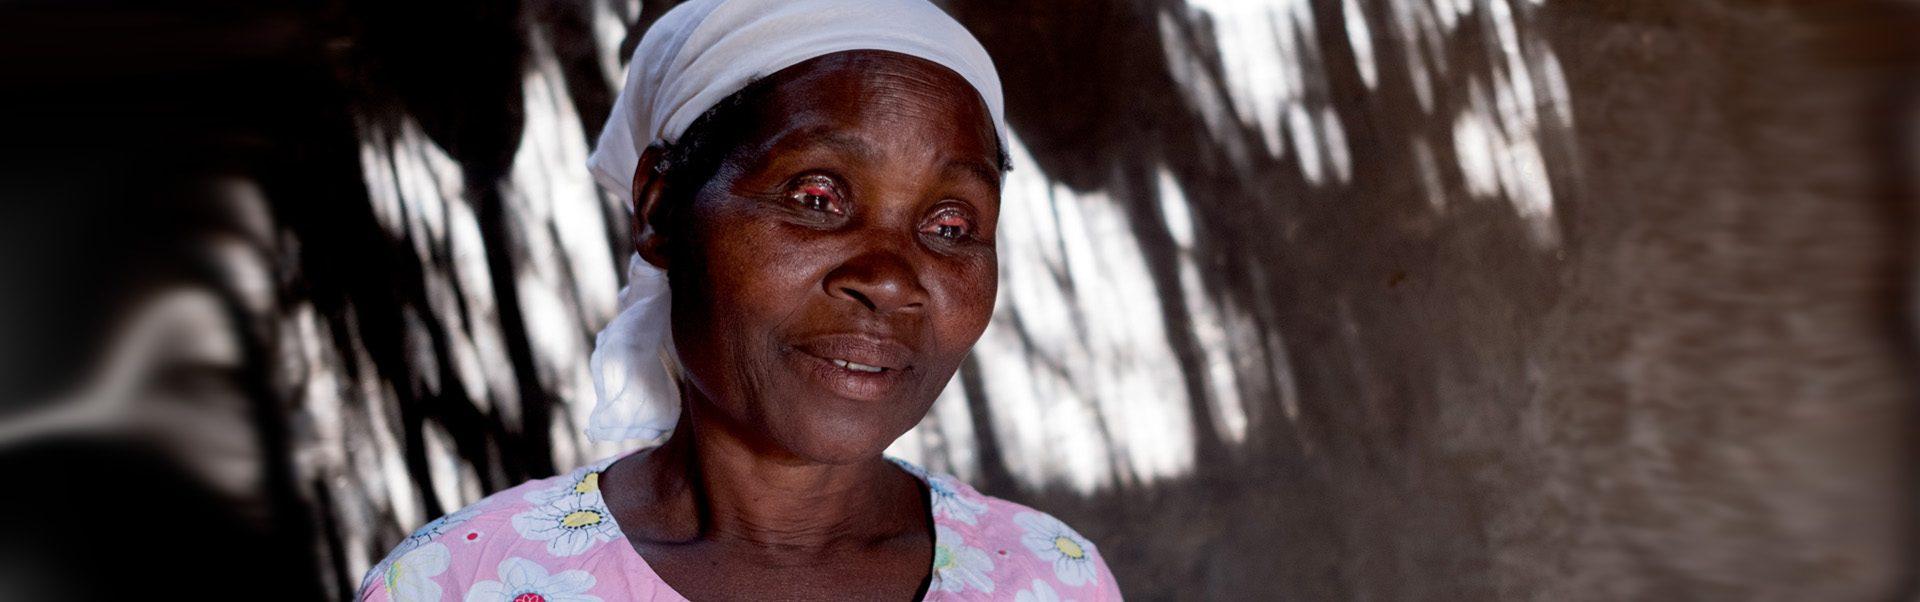 Aida's eyelashes have turned inwards, causing excruciating pain, because of trachoma.